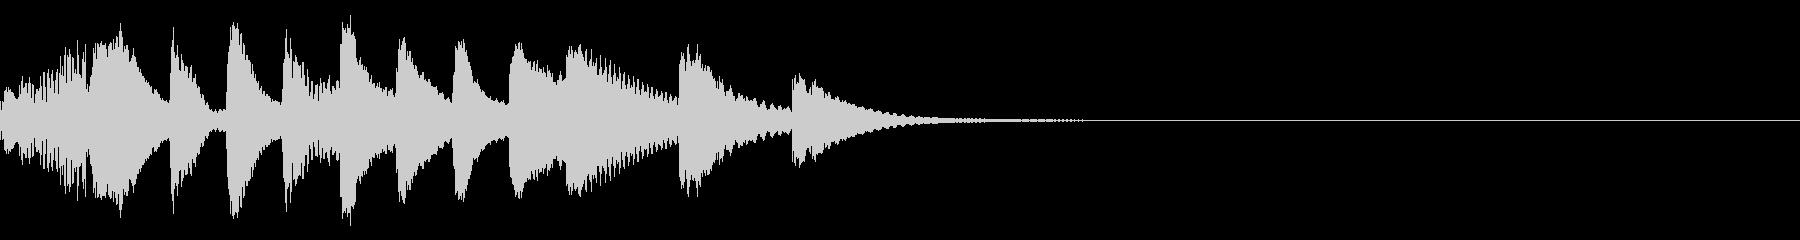 マリンバのほのぼのとしたジングルの未再生の波形